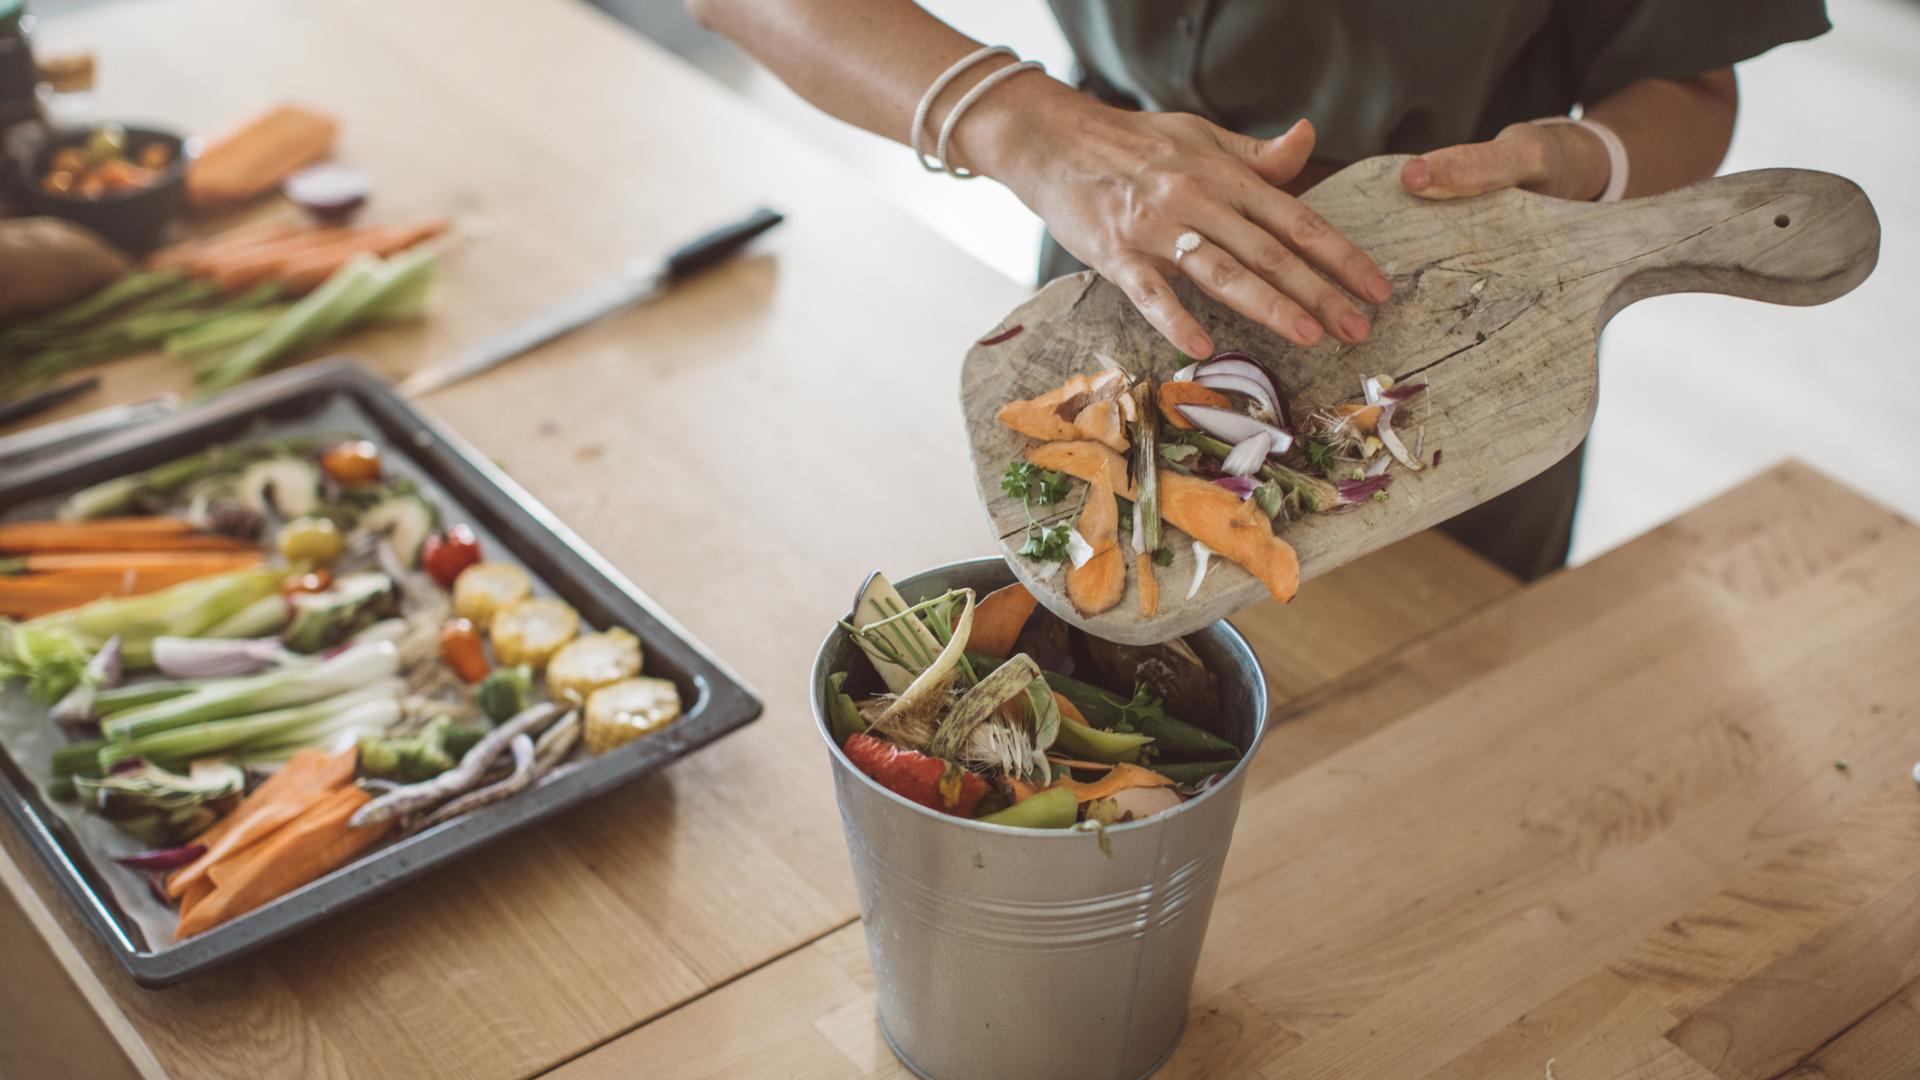 Kompost Gemüse schneiden Abfälle